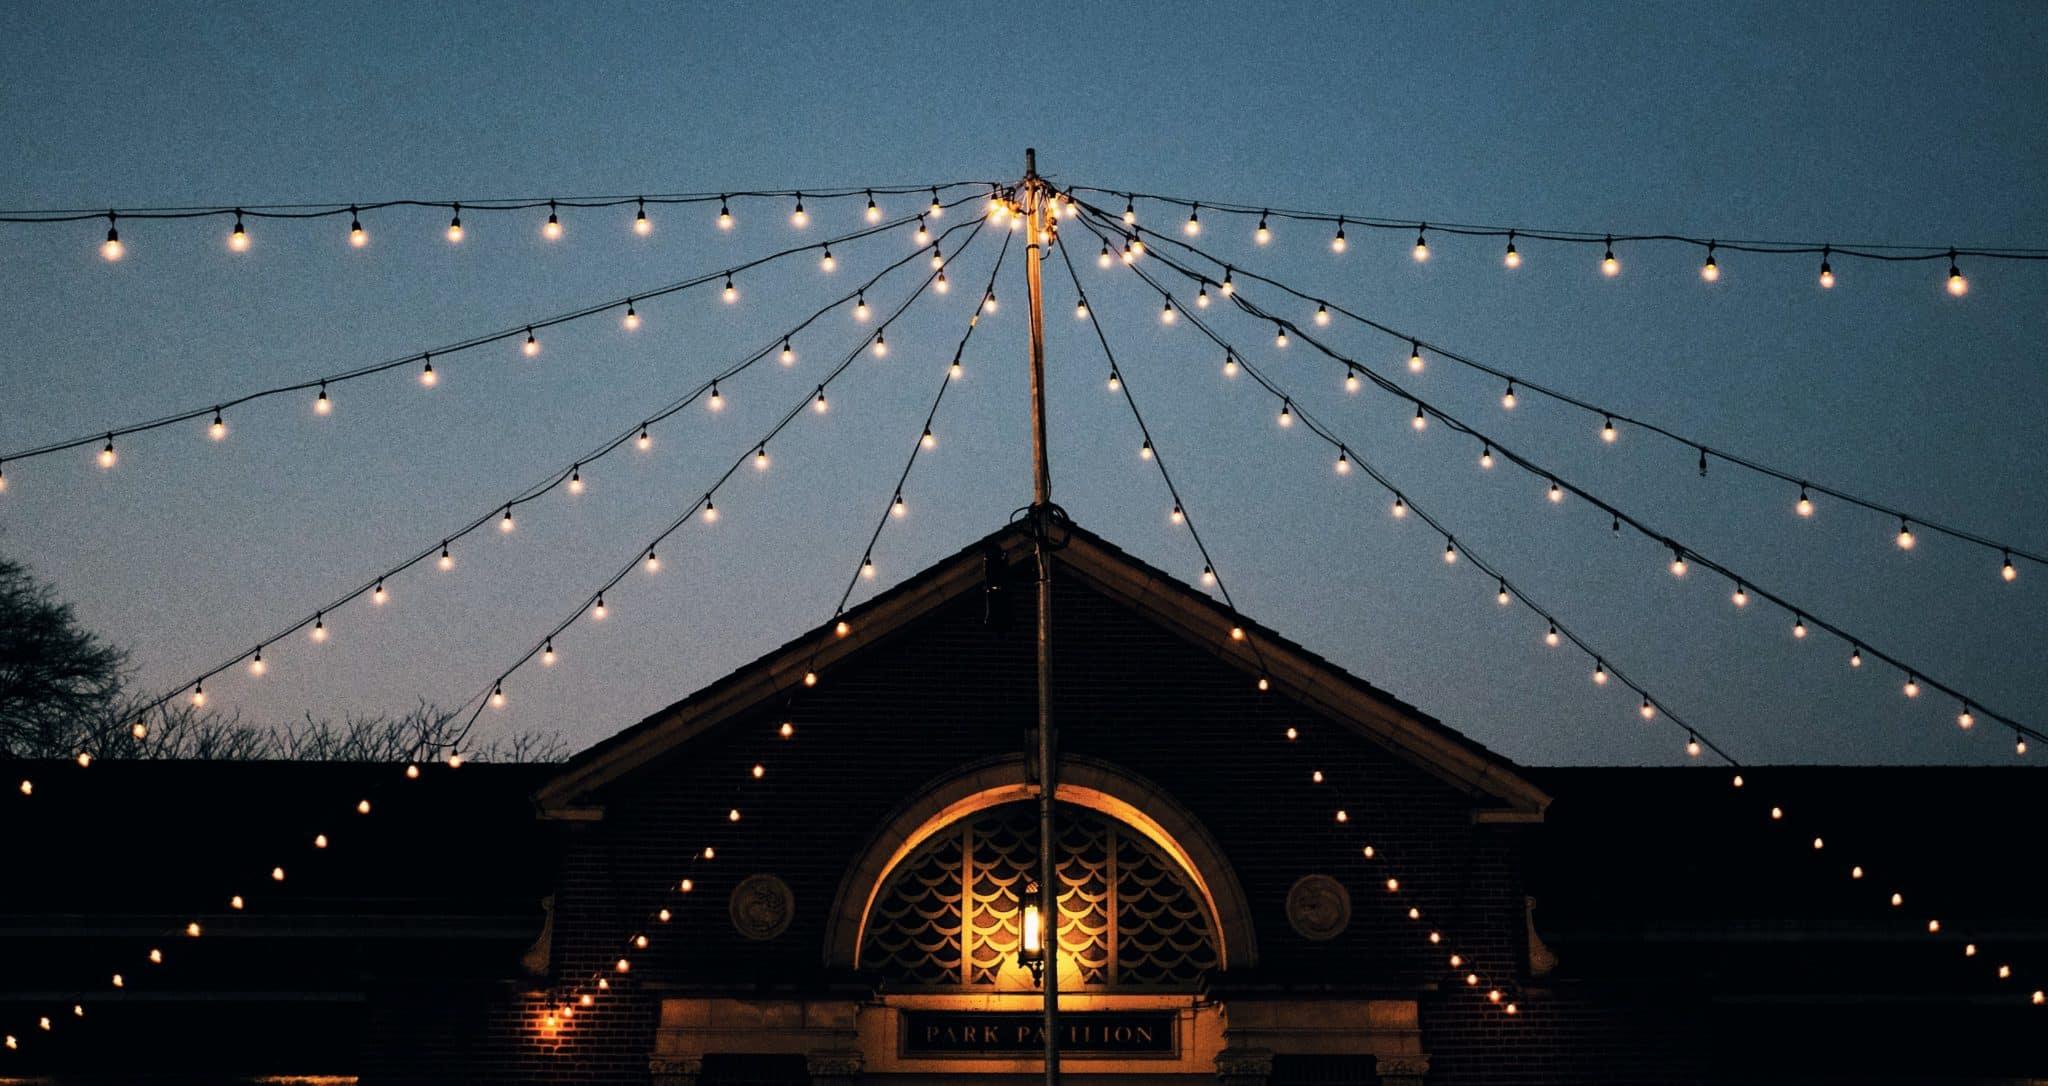 guirlandes-guinguette-comité-des-fêtes-chapiteau-mariage-blanc-chaud-landes-40